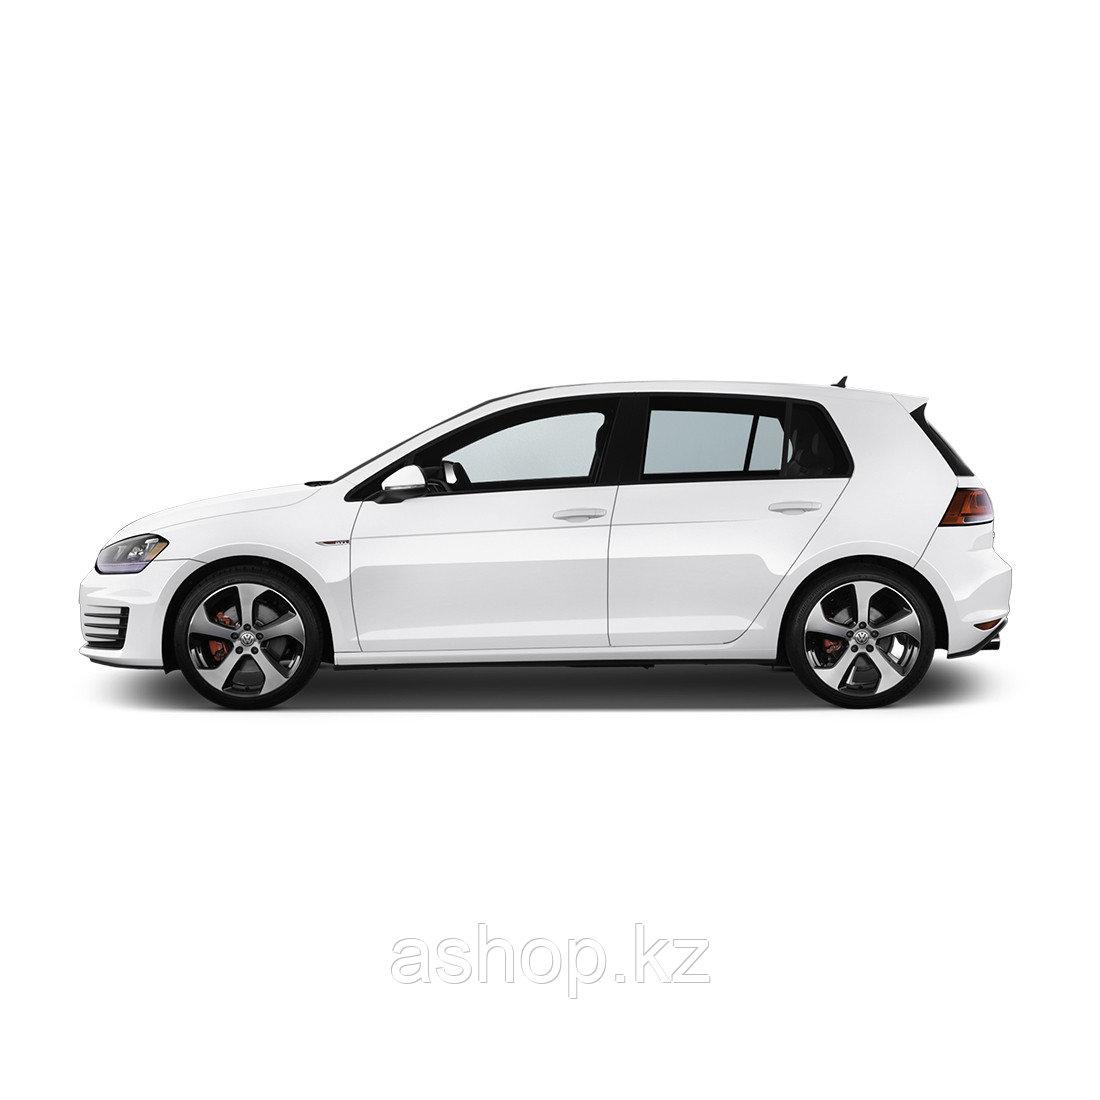 Радиоуправляемая модель автомобиль Rastar Volkswagen Golf GTI, 1:12, Управление: Джойстик, Материал: Пластик,